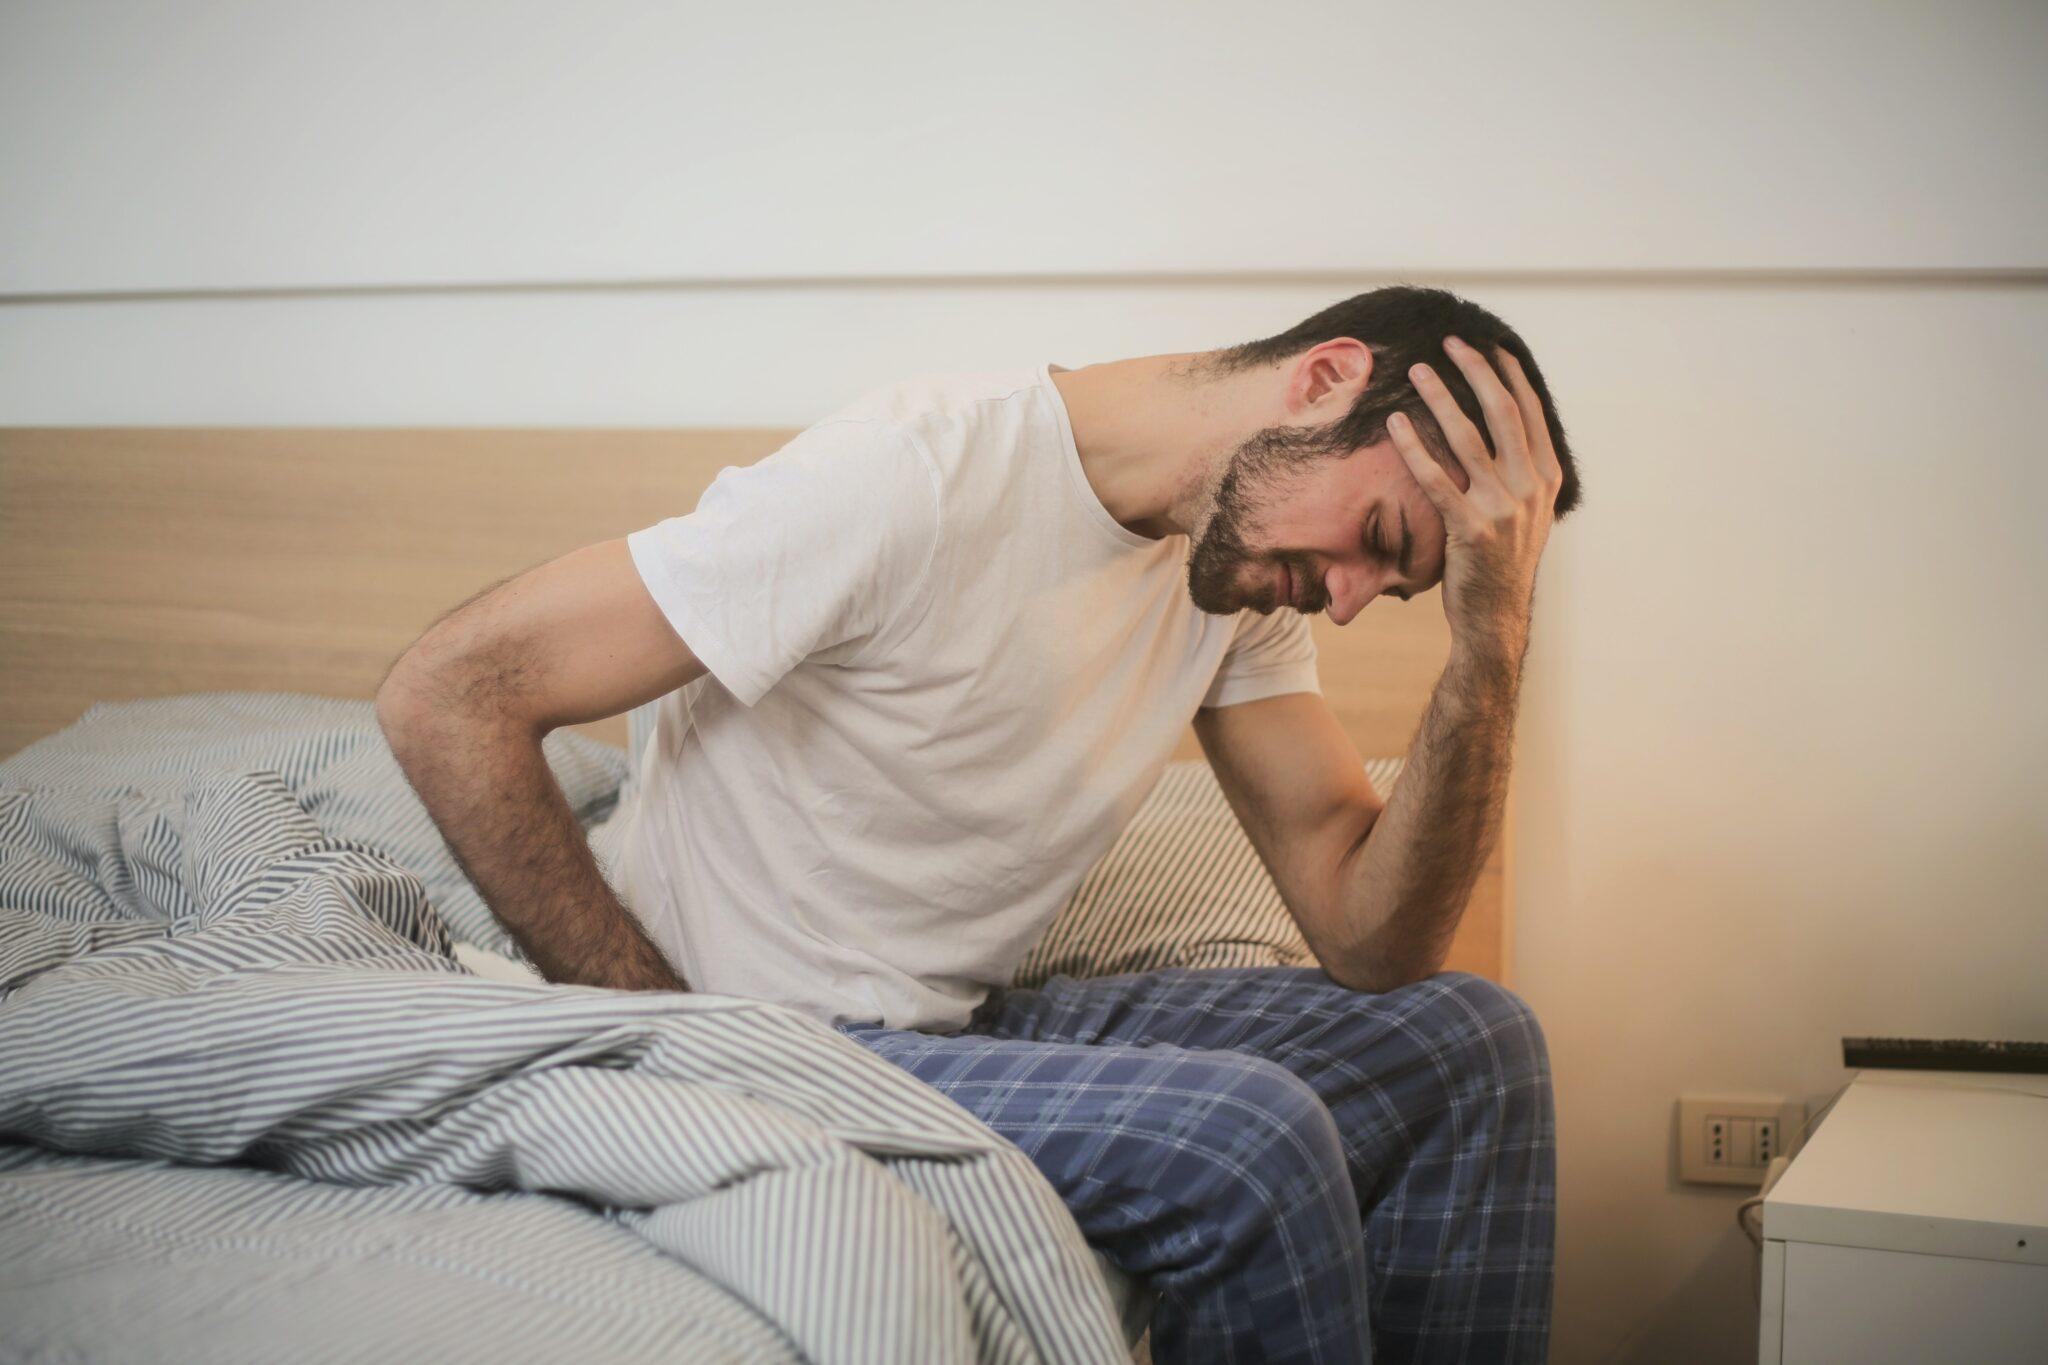 Ein Mann sitzt auf dem Bett und hält sich müde den Kopf.